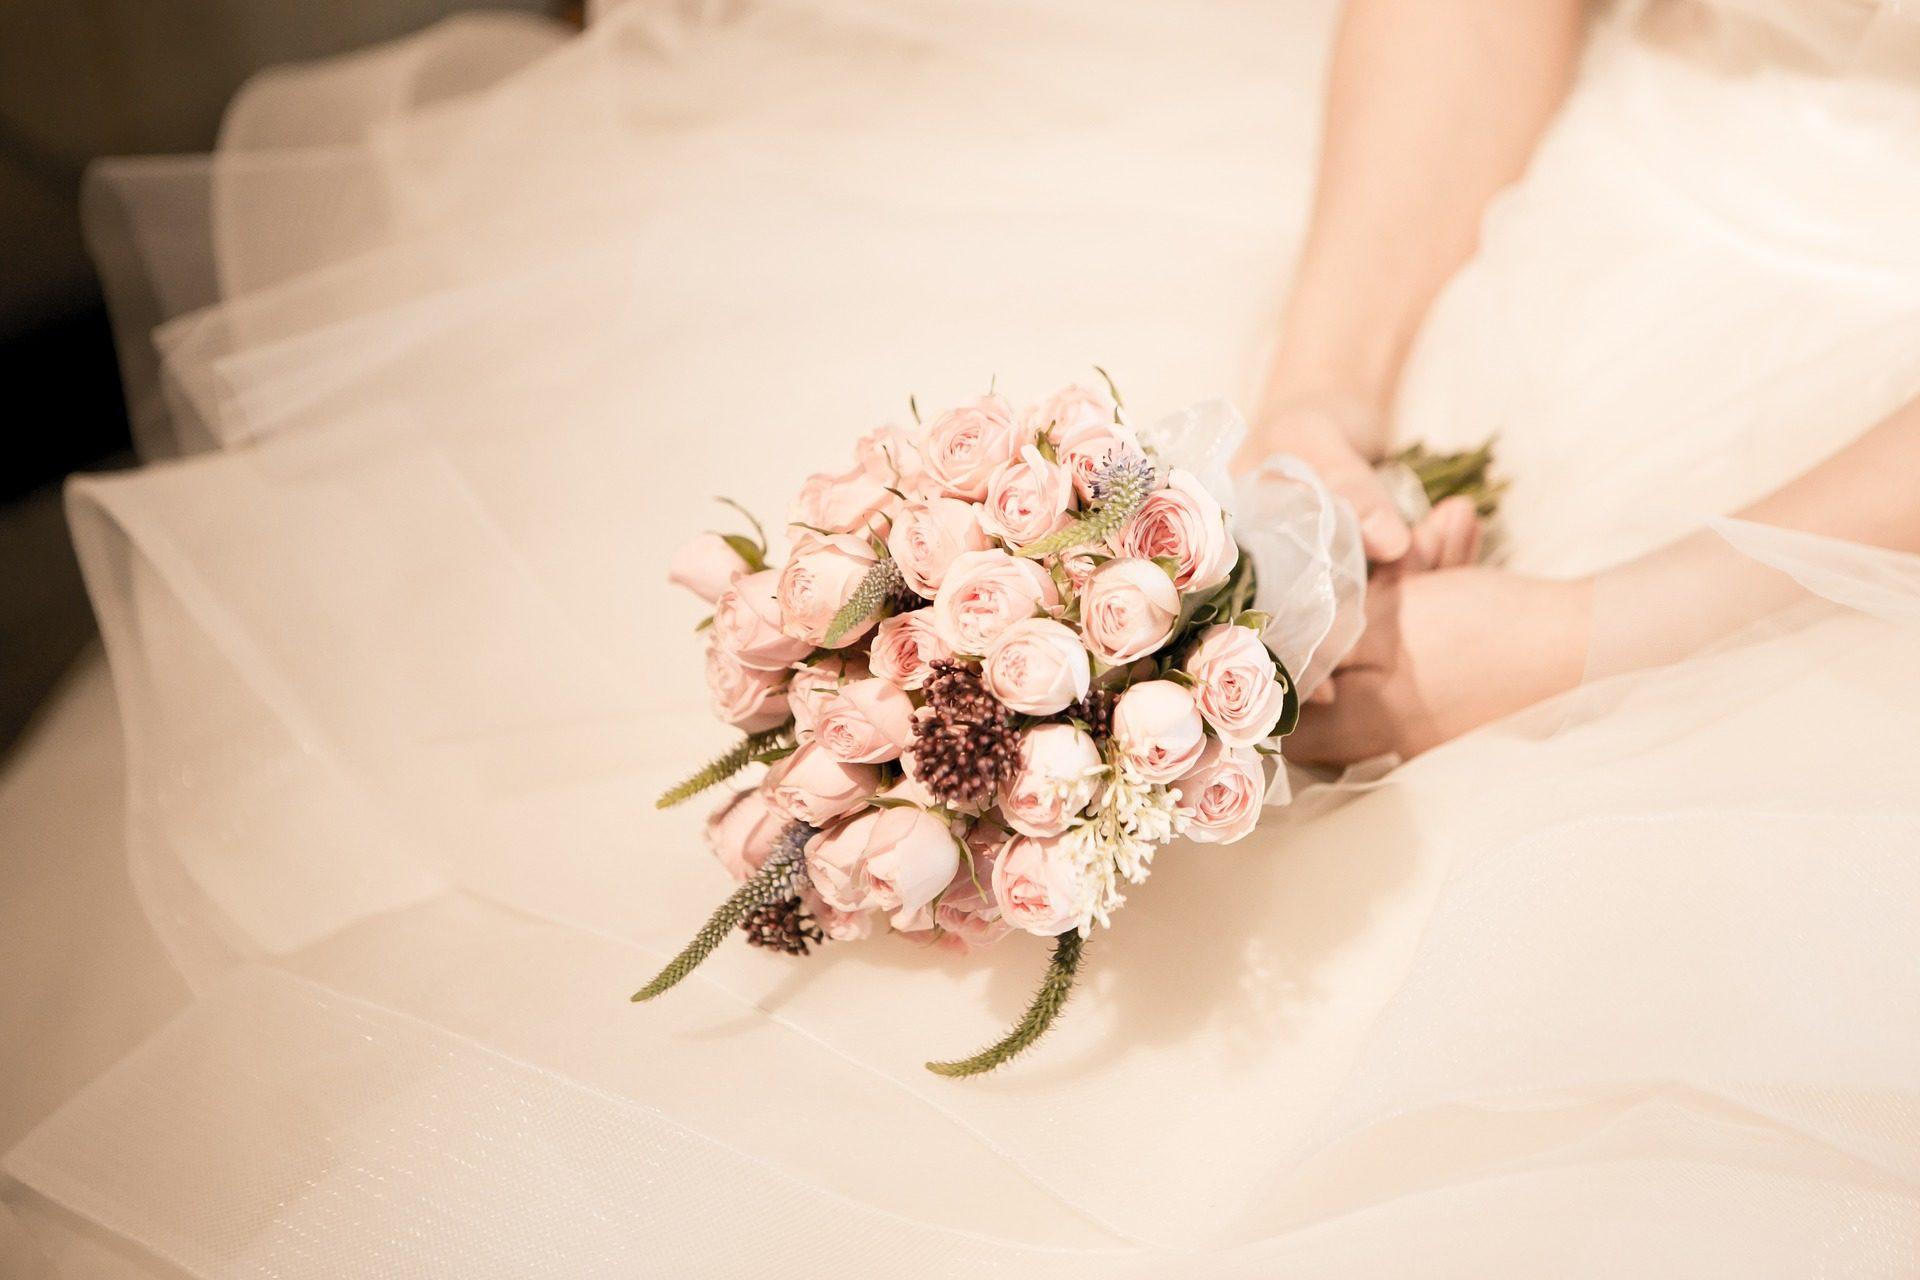 ヘルガの結婚